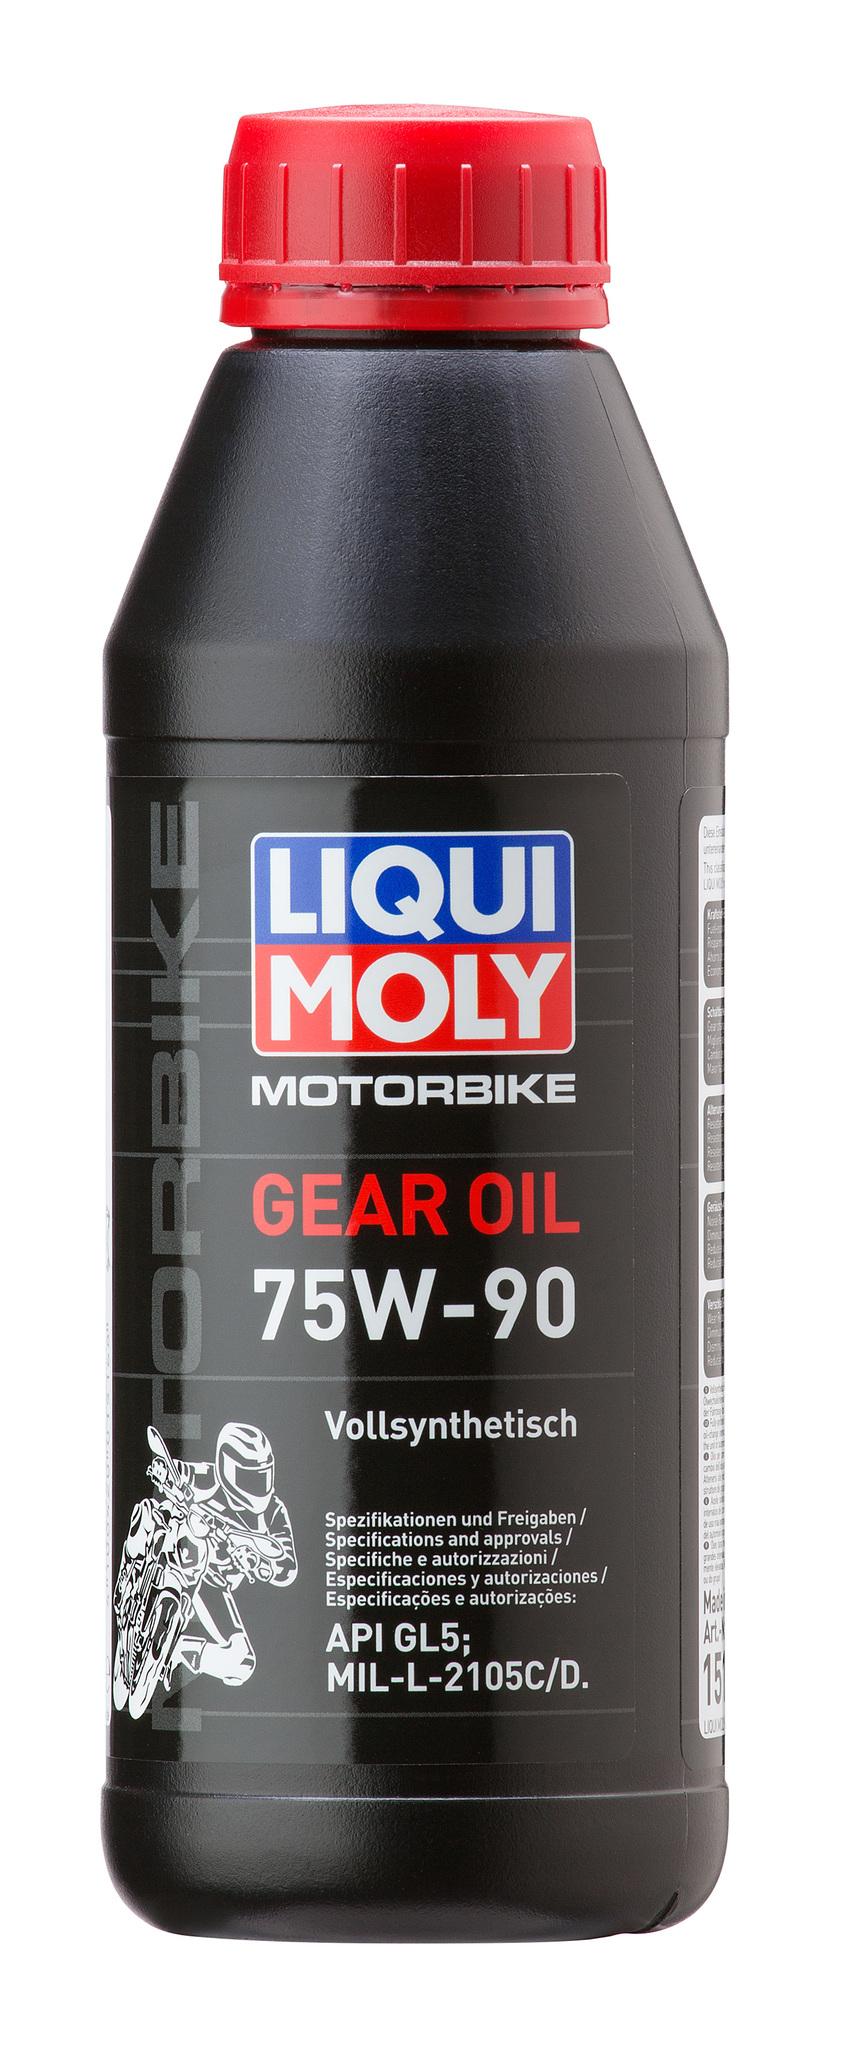 Liqui Moly Motorbike Gear Oil 75W90 Синтетическое трансмиссионное масло для мотоциклов